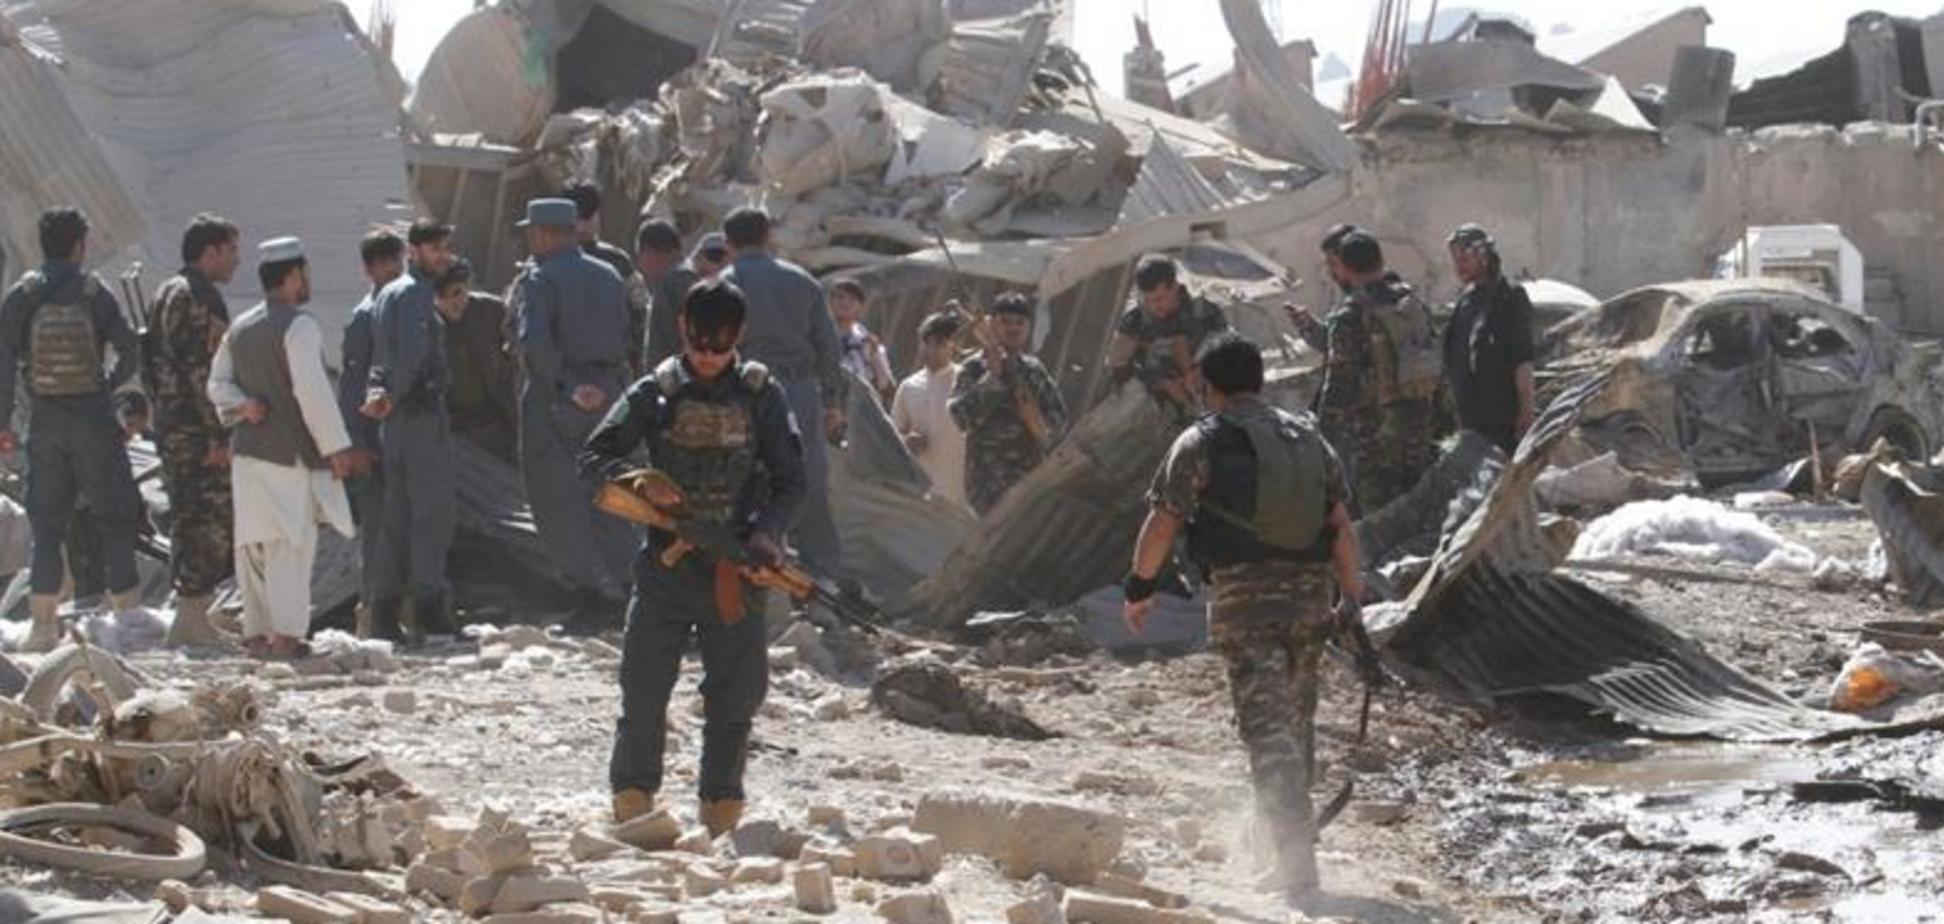 В Афганистане прогремел взрыв: погибли минимум 16 человек